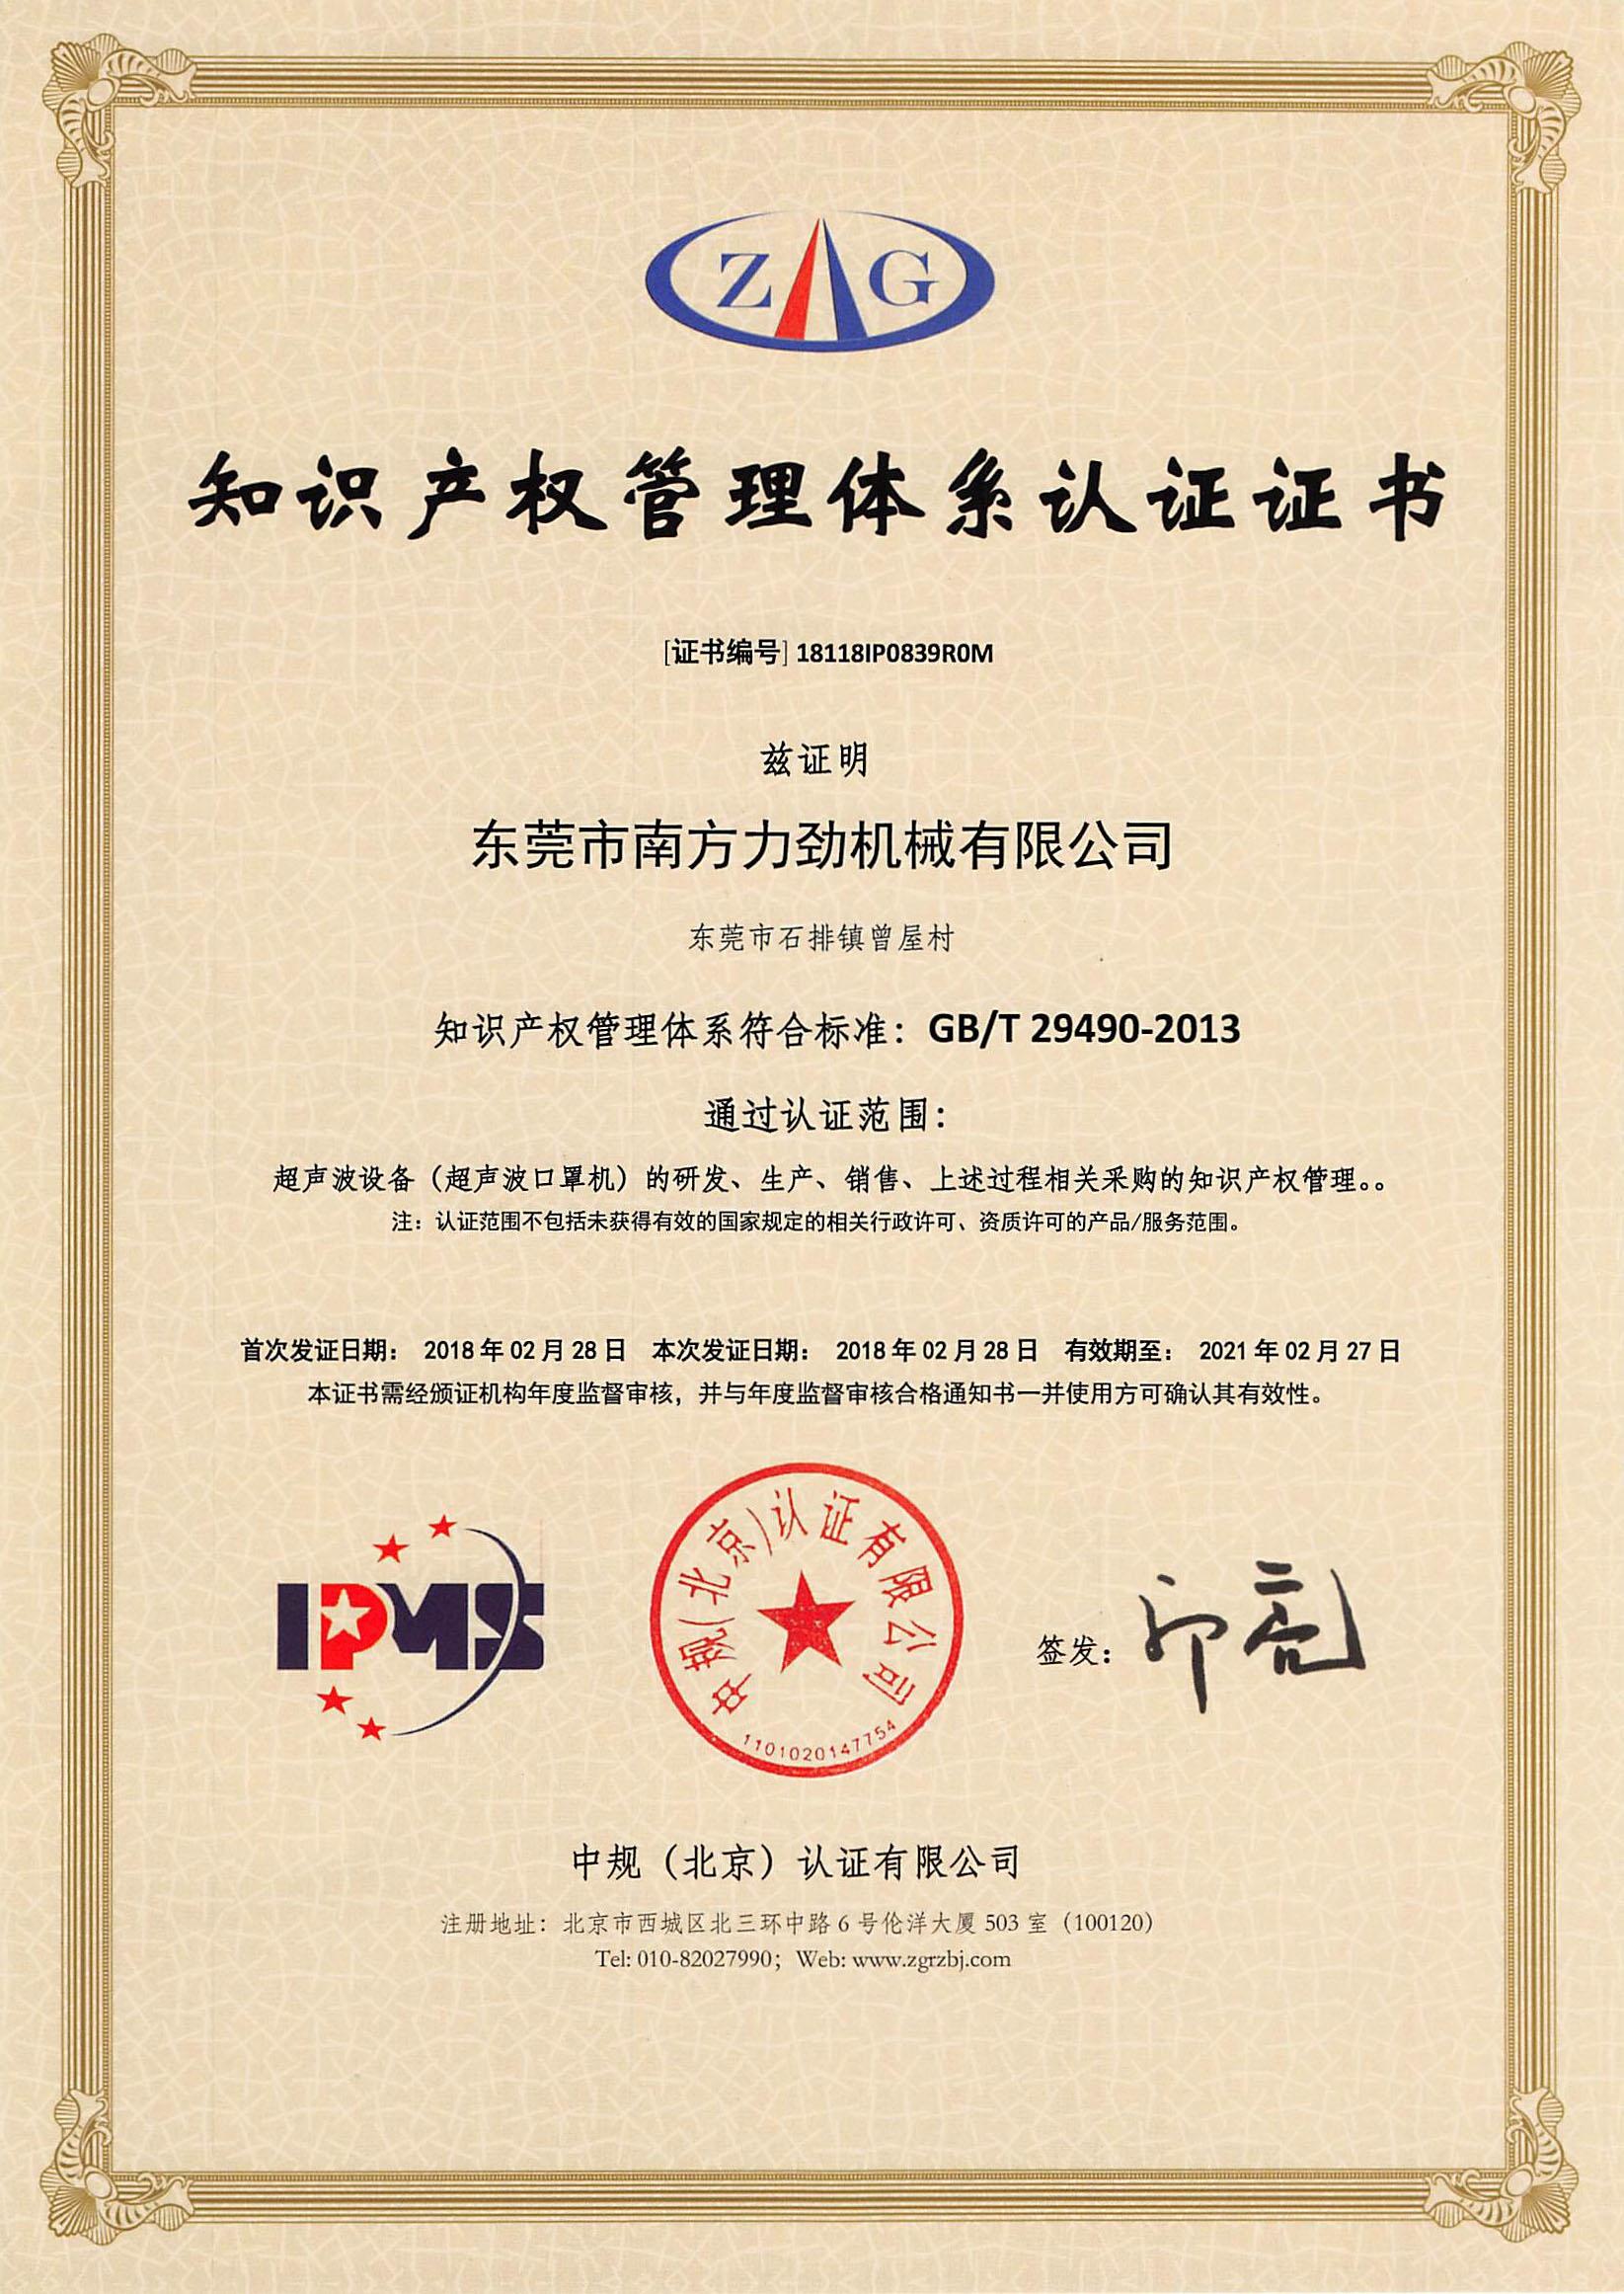 """南方力劲通过知识产权贯标<wbr>获得""""知识产权管理体系认证证书"""""""